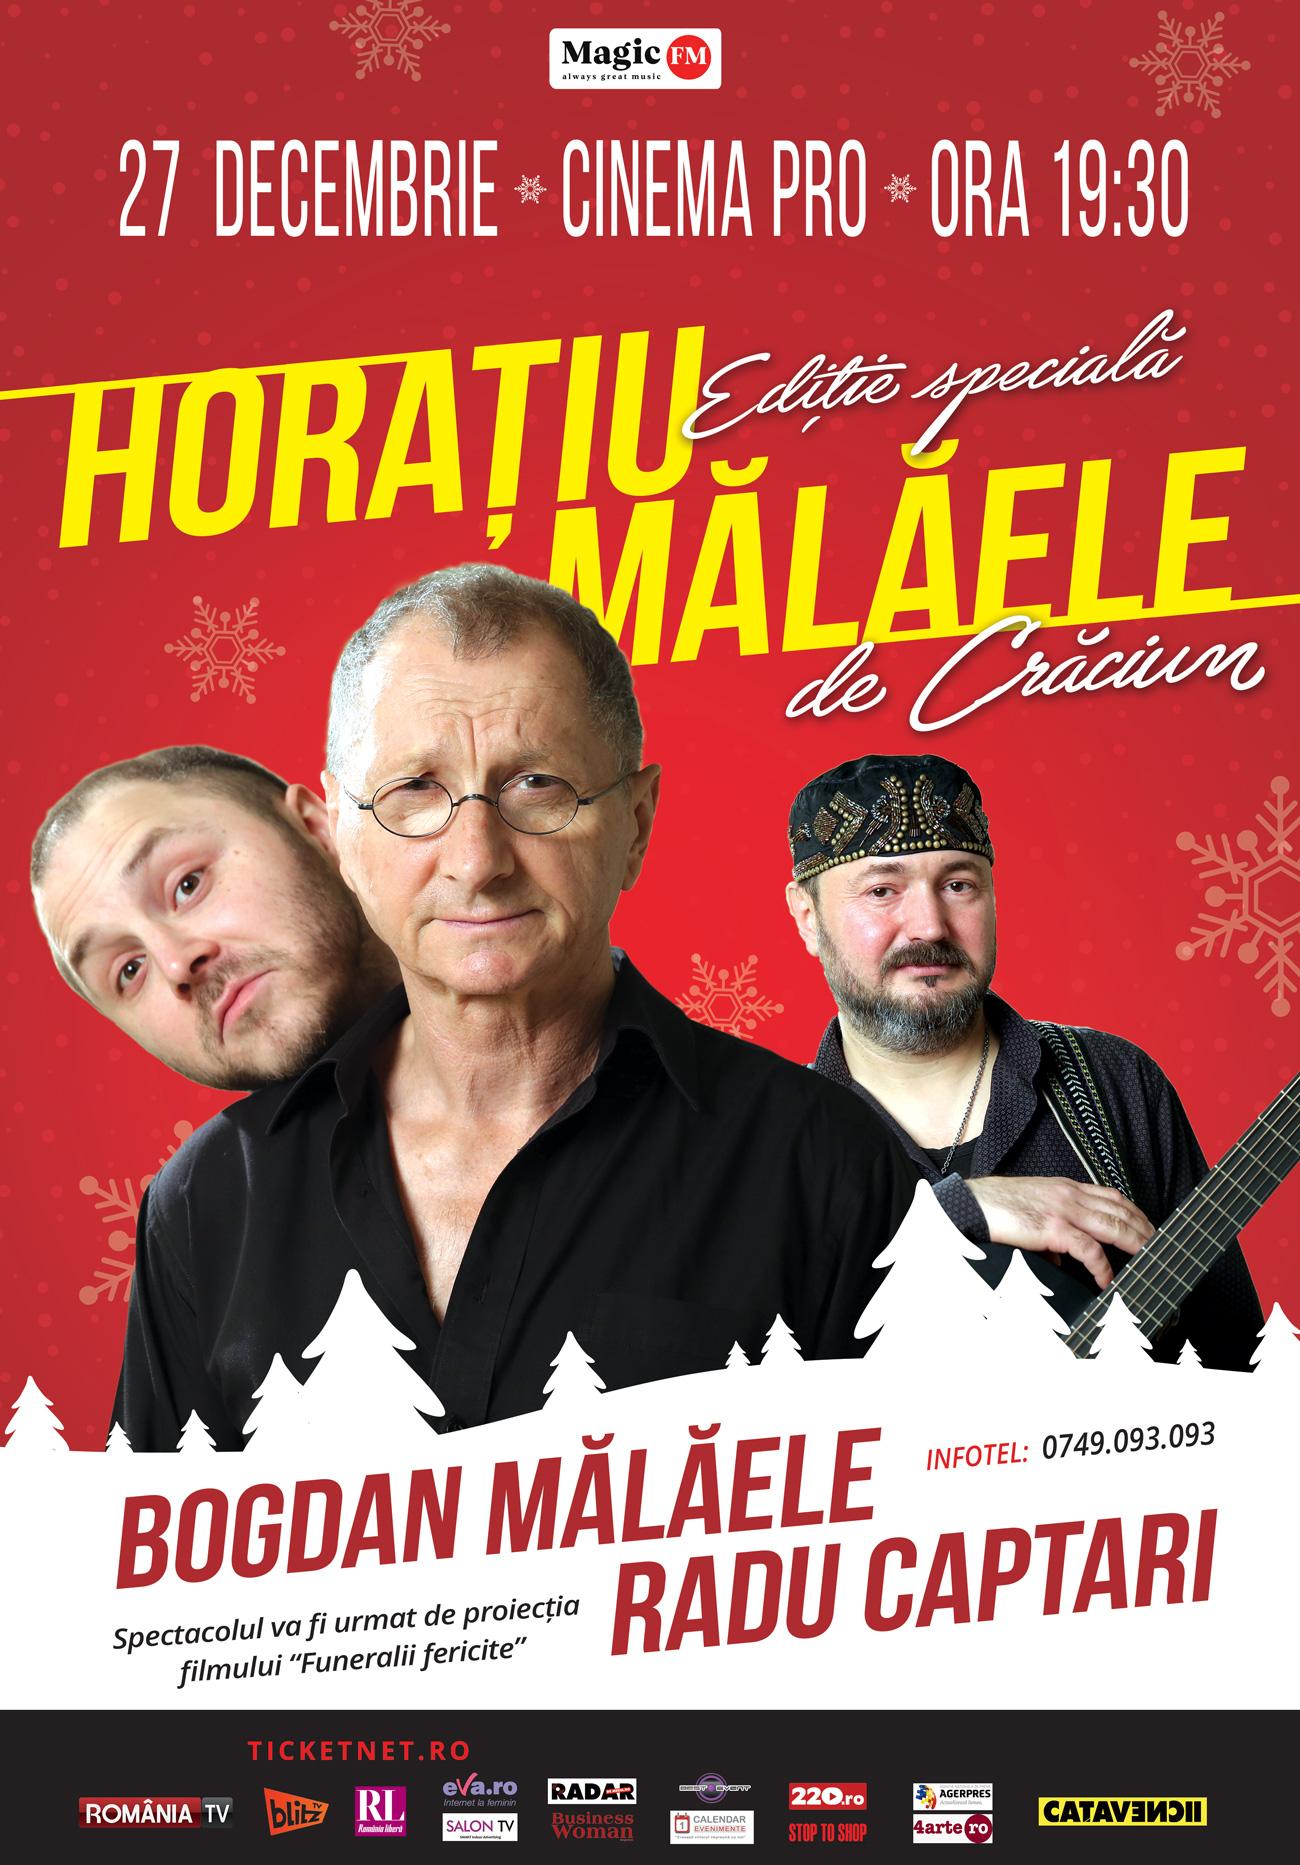 Horaţiu Mălăele - Ediţie specială de Crăciun